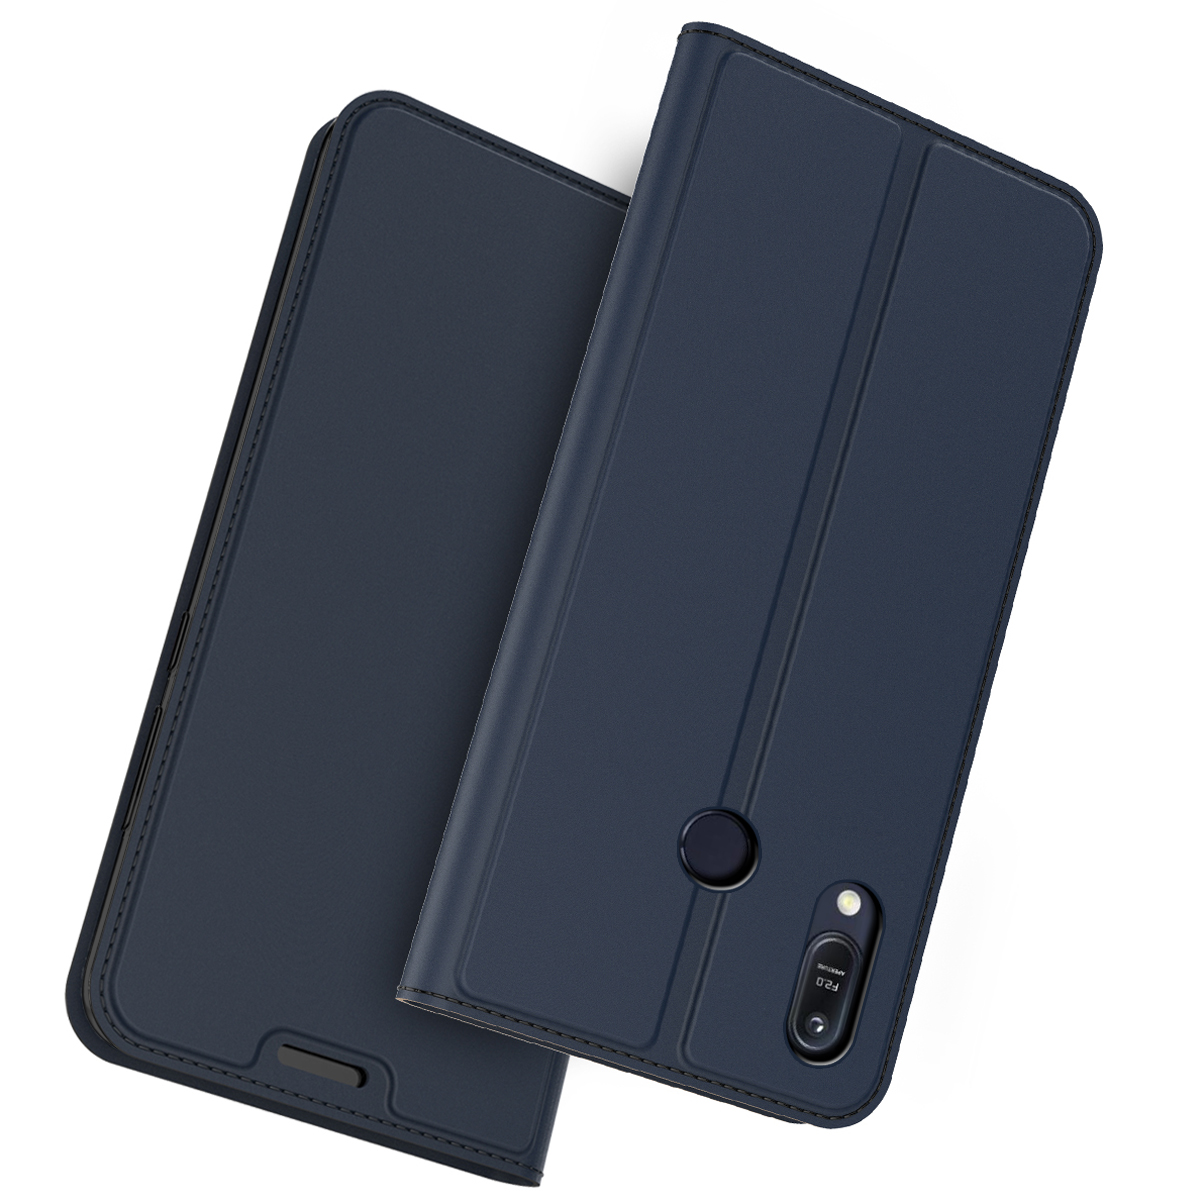 Pour Asus Zenfone Max M2 ZB633KL étui en cuir PU Flip Stand housse de portefeuille pour Asus Zenfone Max Pro M2 ZB631KL ZB602KL étui carte